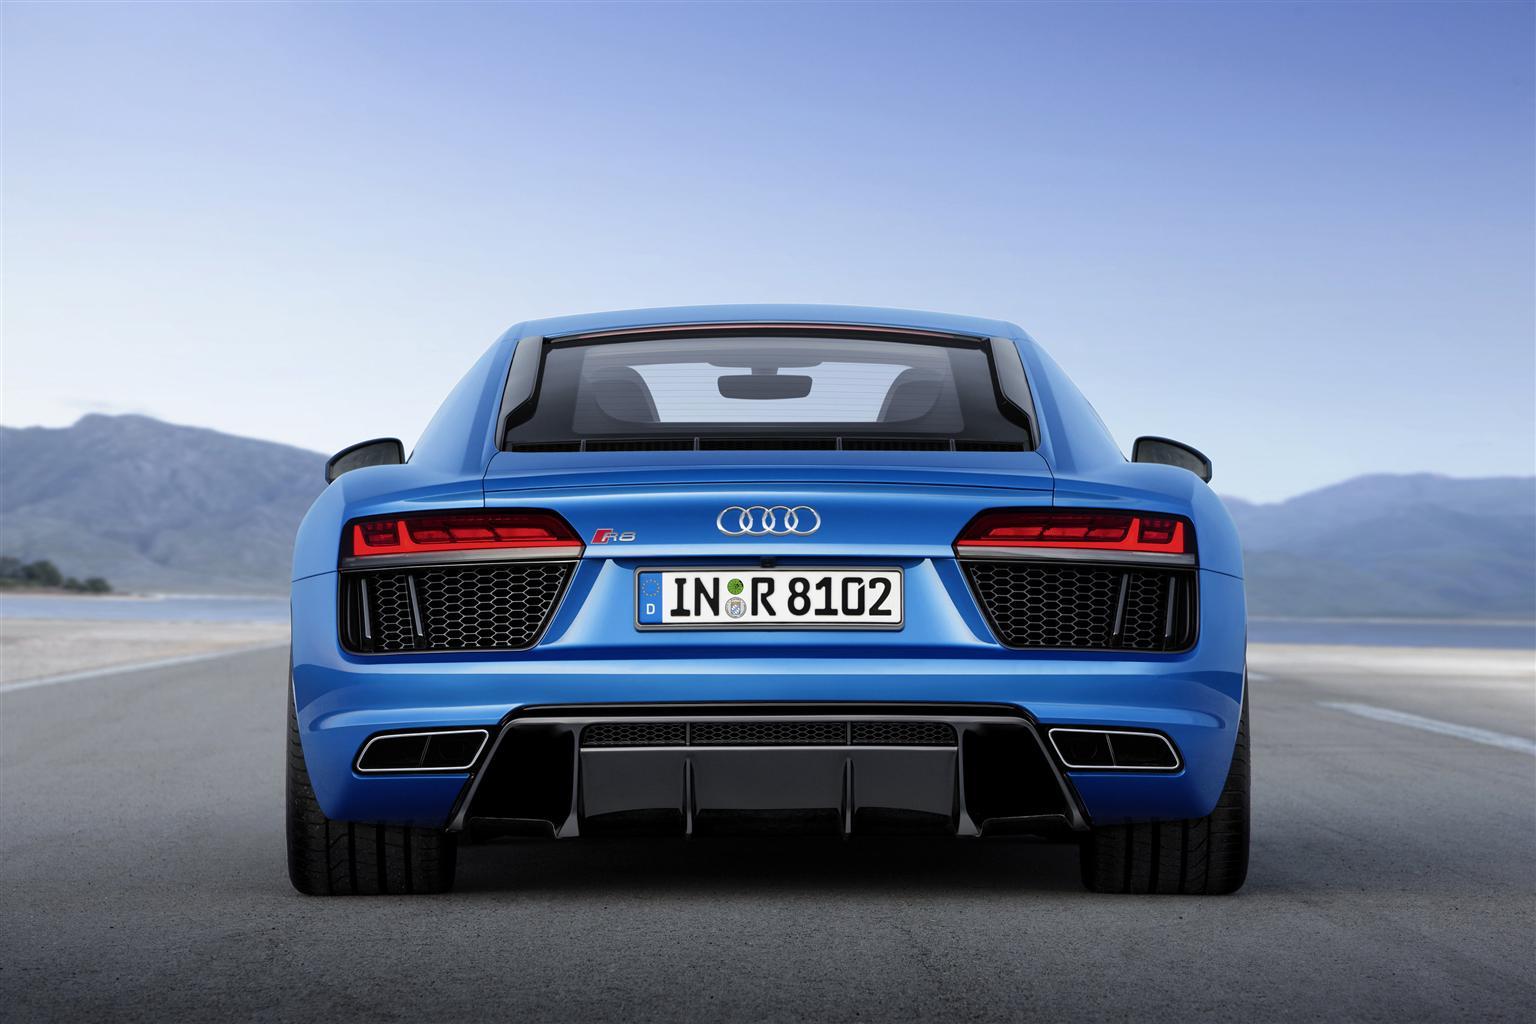 Nuova Audi R8 Coupé competitor, prezzo e prestazioni 2